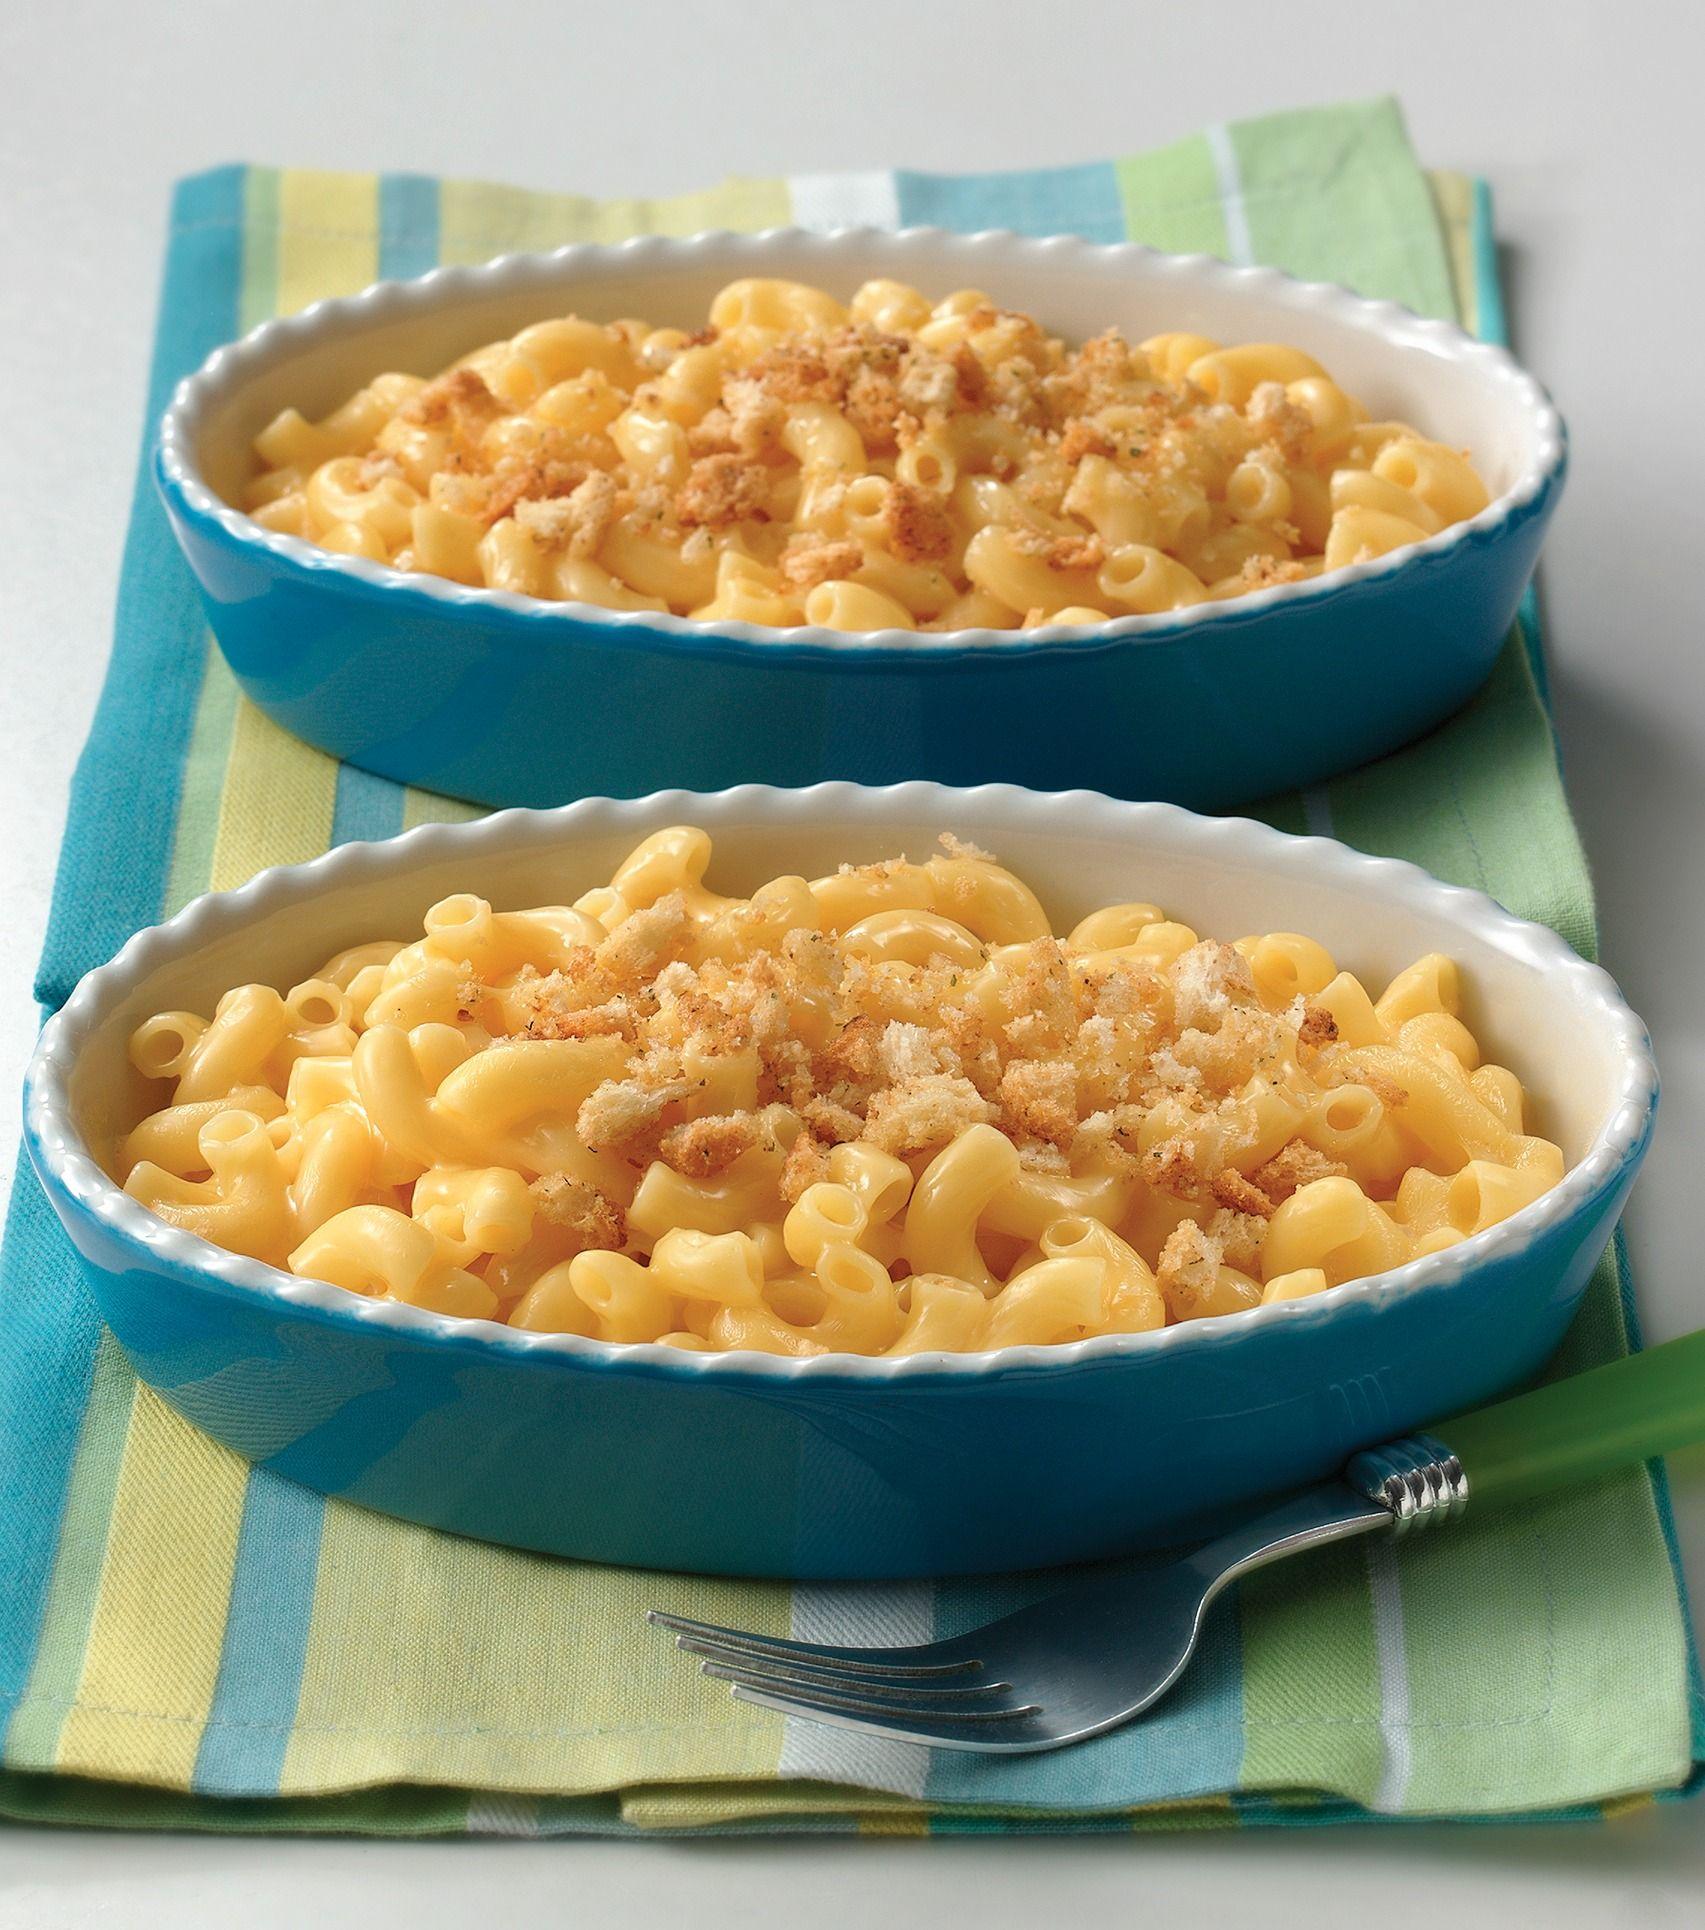 Midwest Macaroni Cheese Recipe Macaroni Cheese Recipes Macaroni And Cheese Recipes